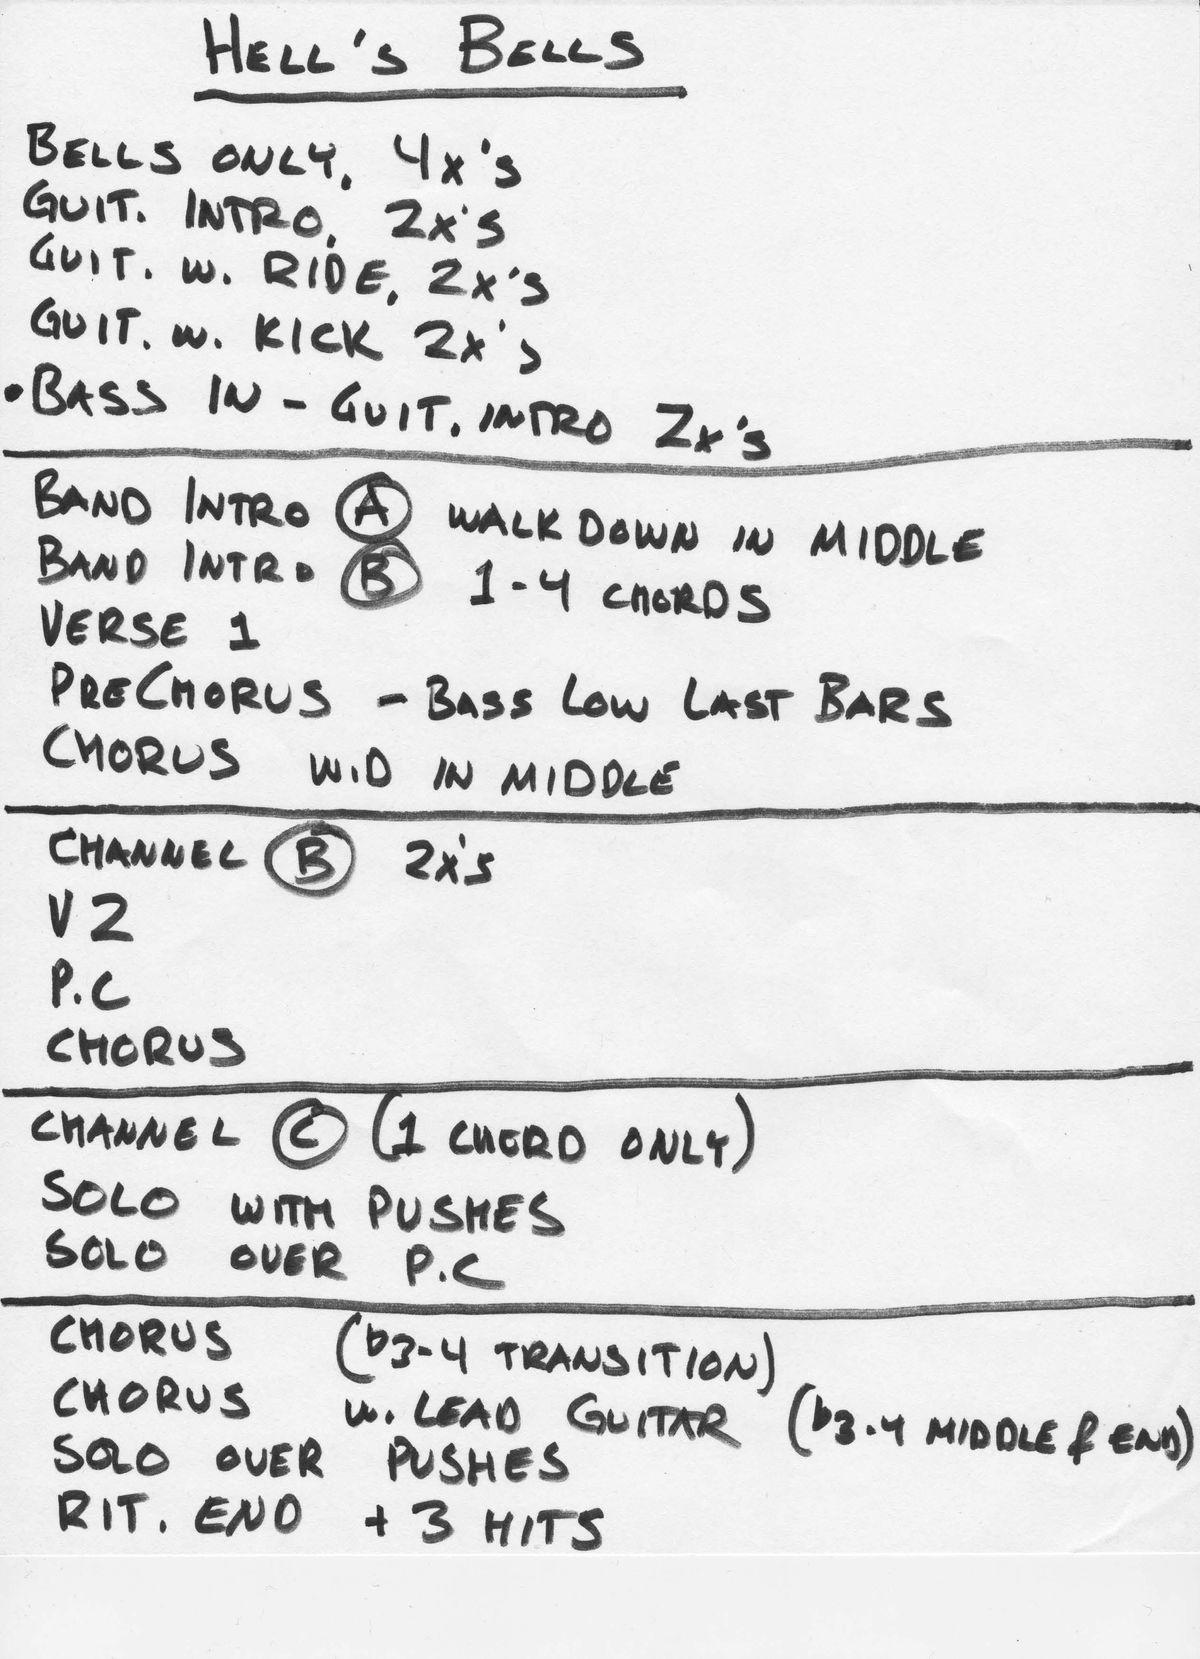 Form chart